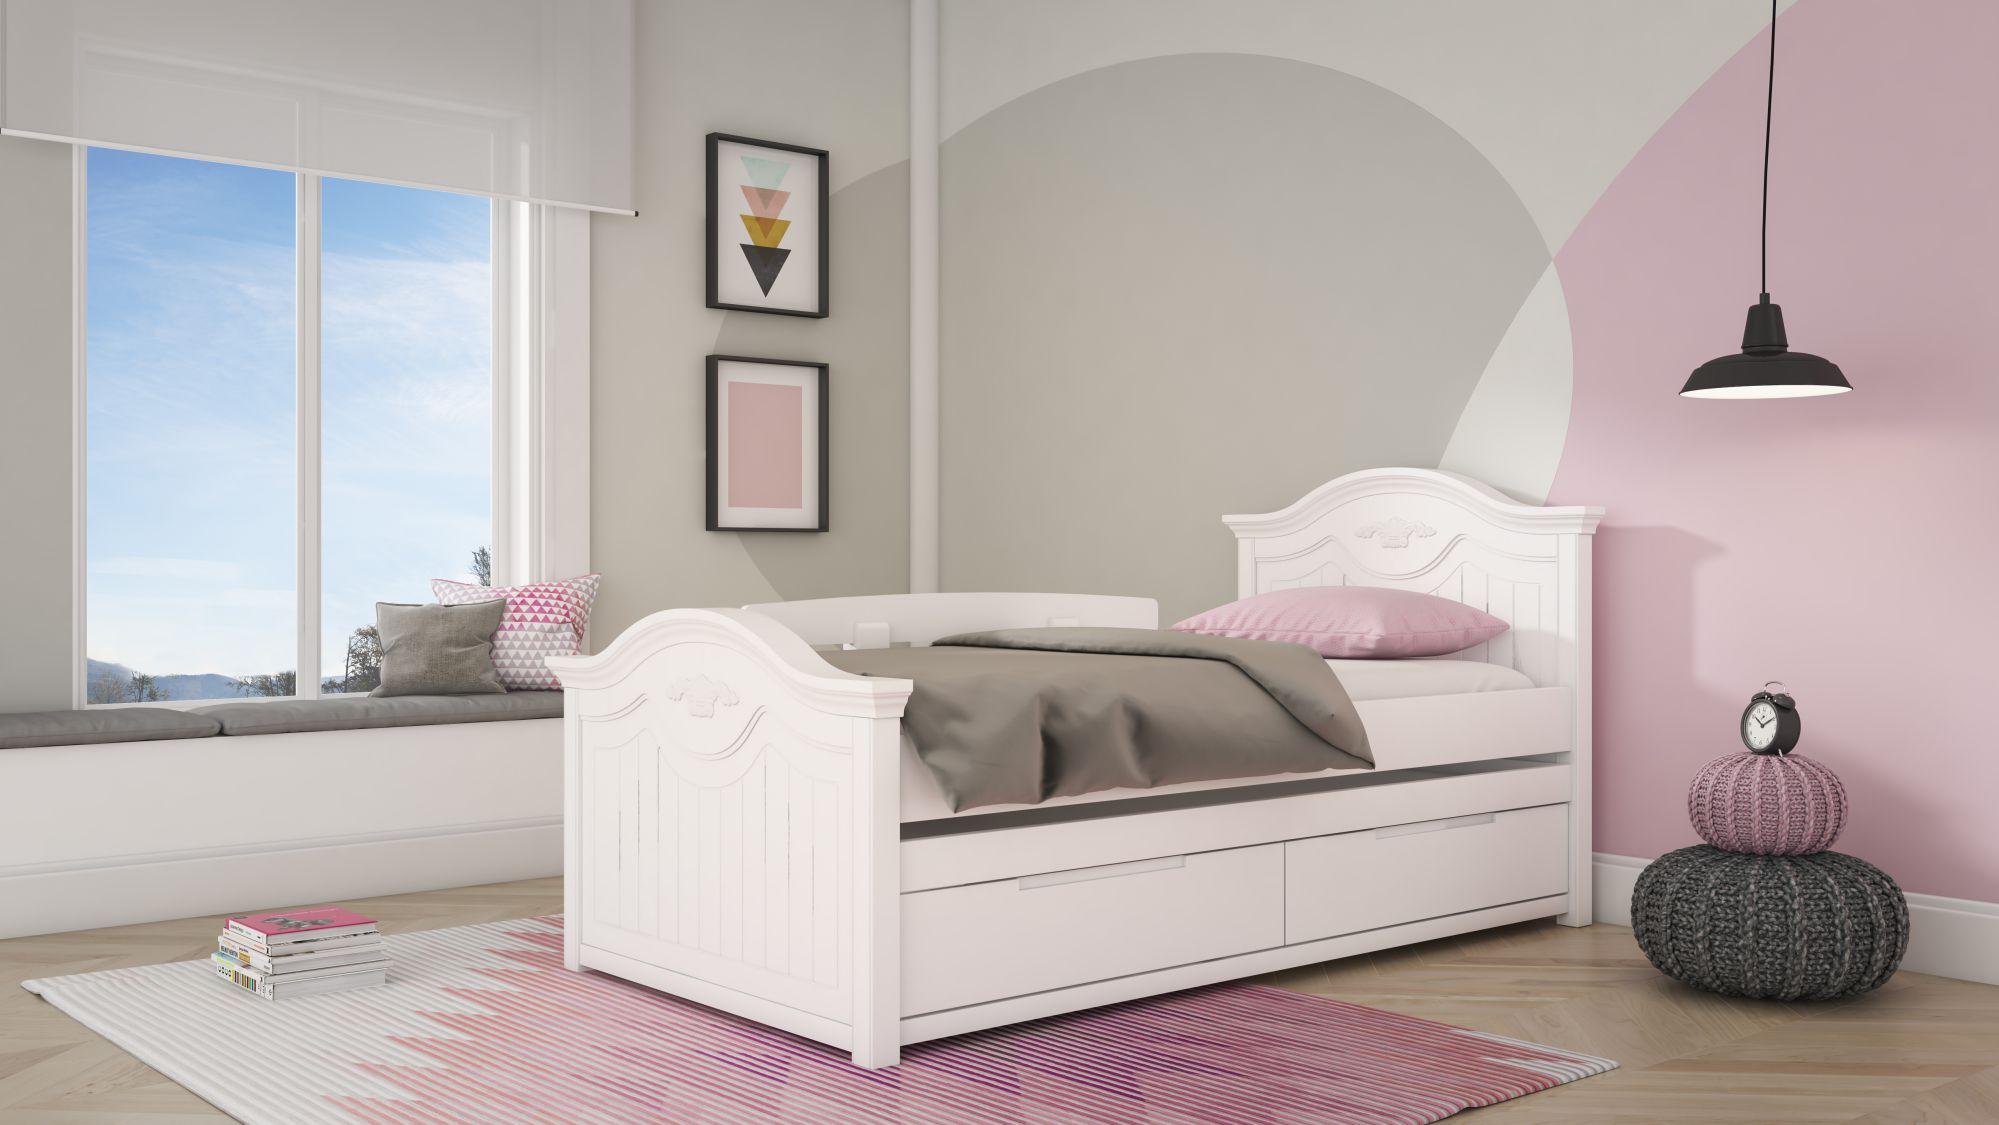 מיטת ילדים ונוער - מיטת עדידוש